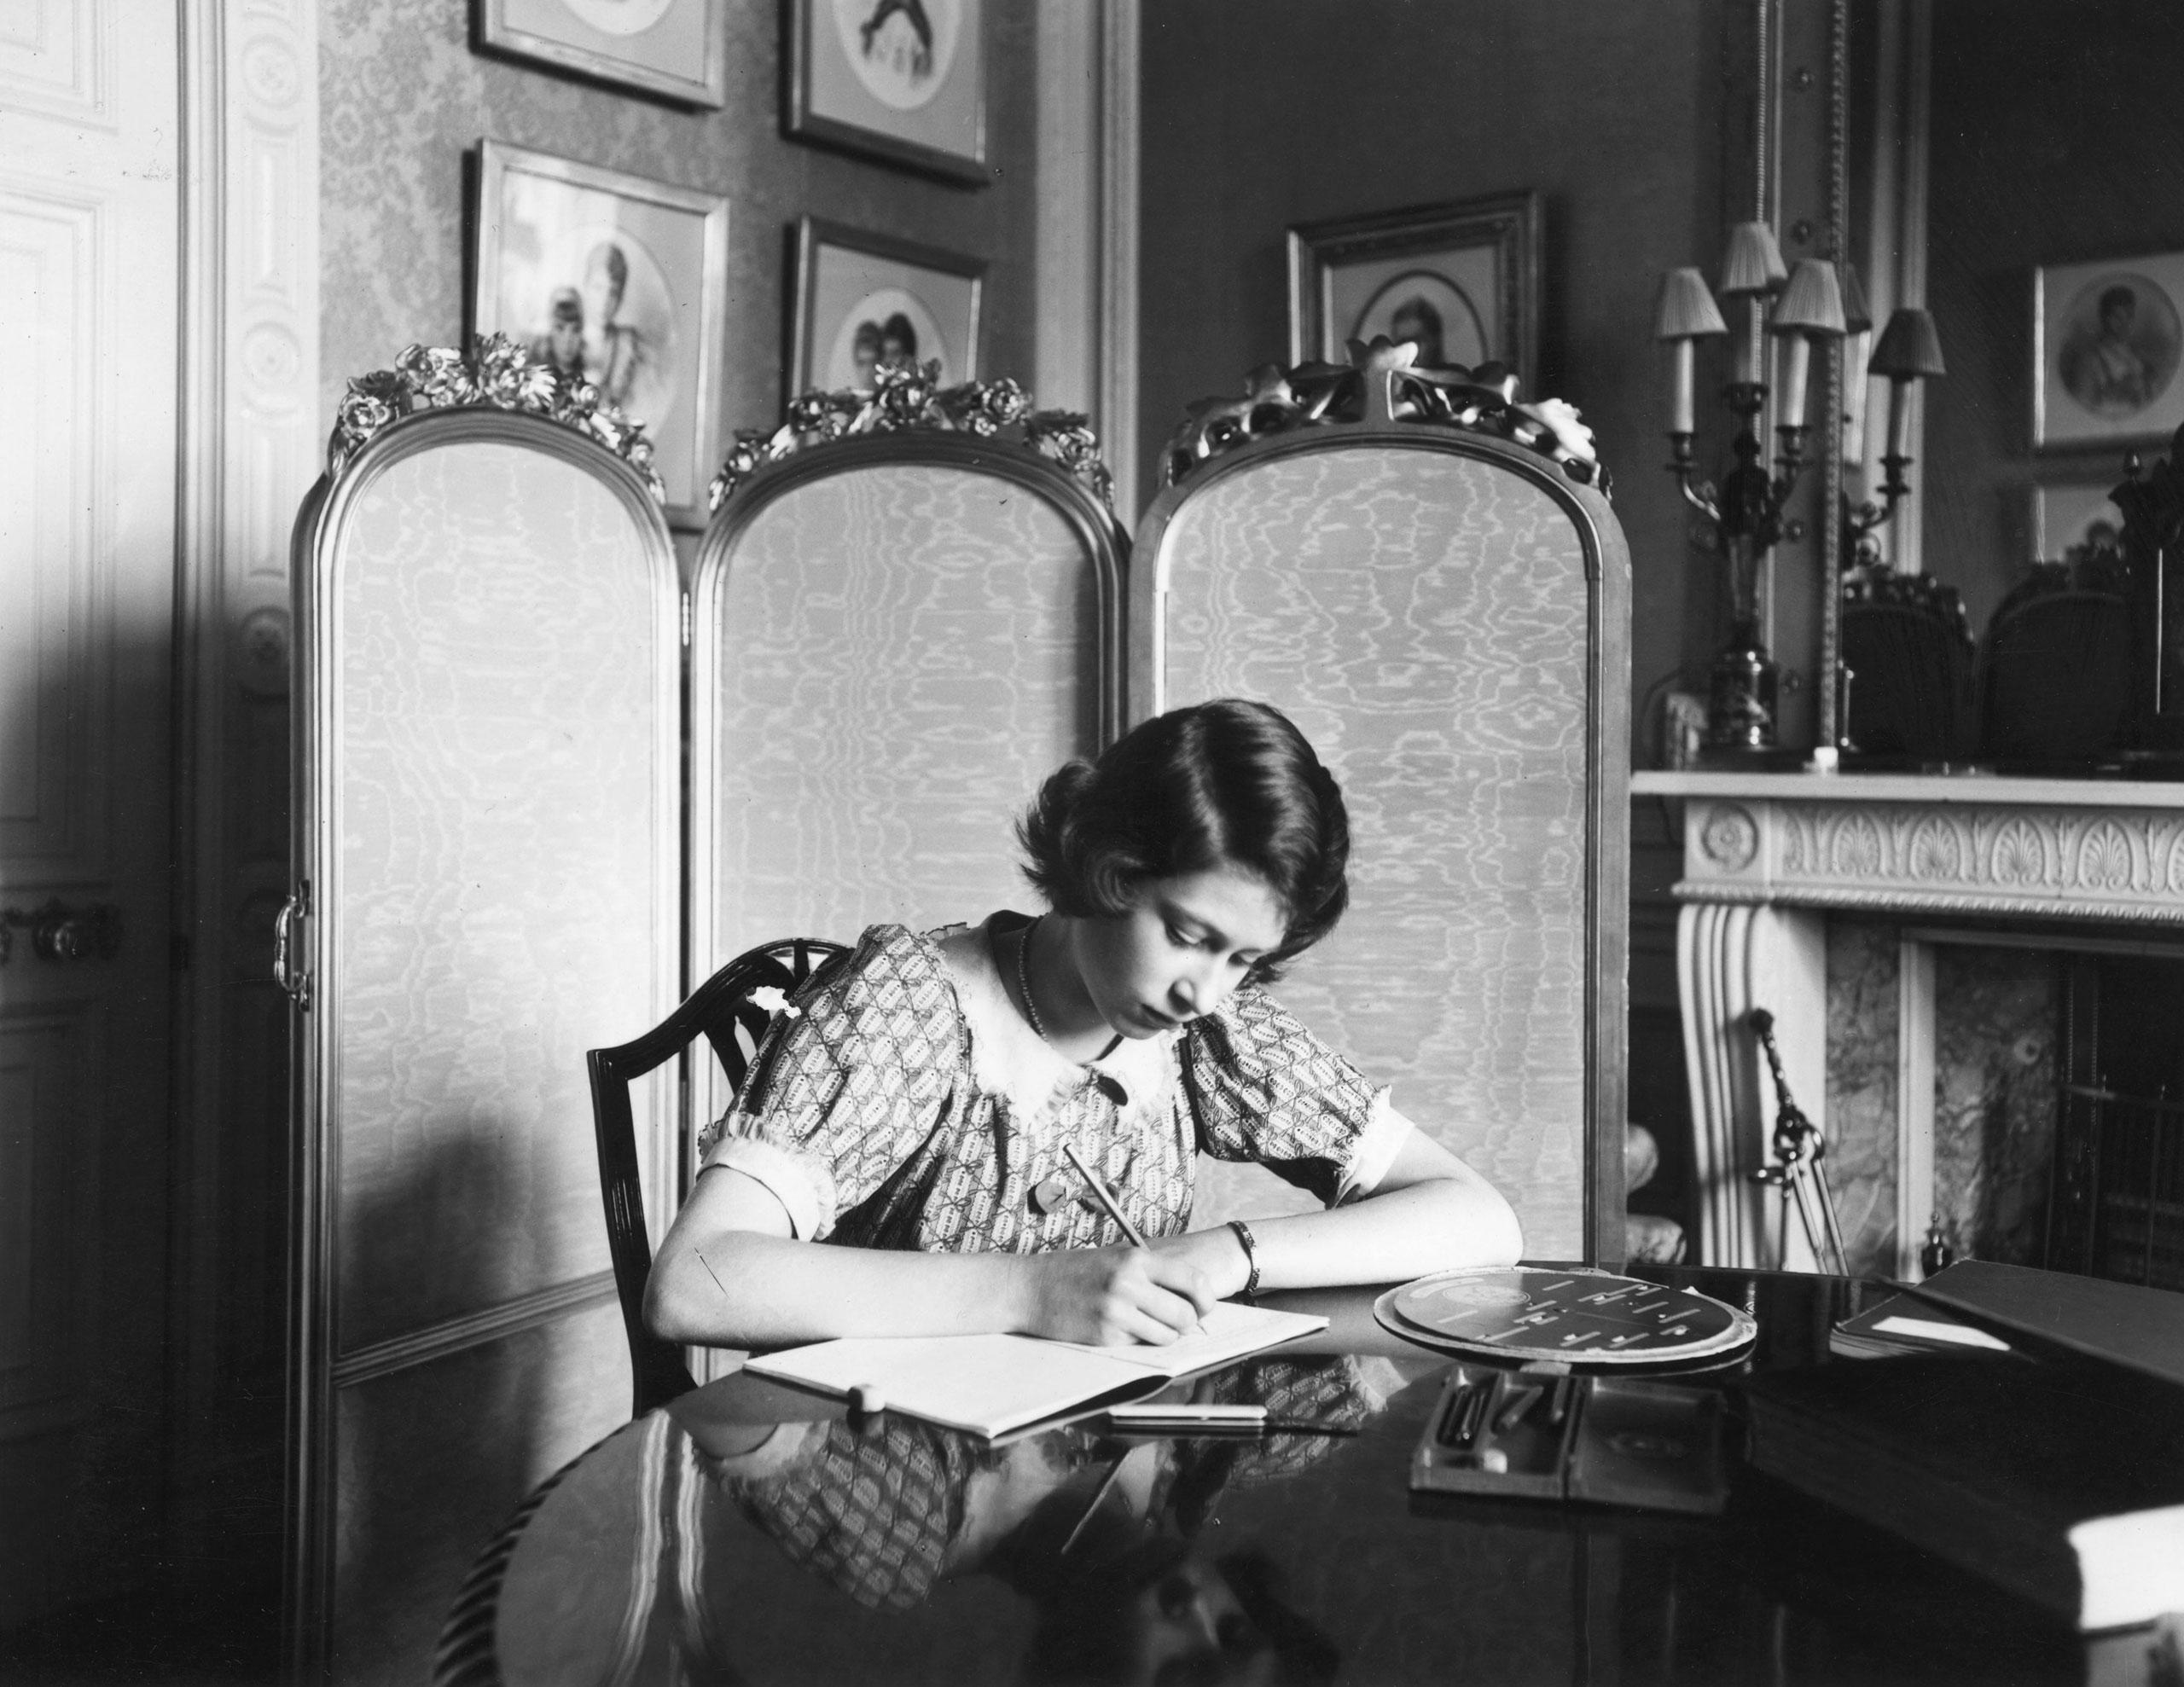 Princess Elizabeth working on her studies at a desk in Windsor Castle. June 1940.